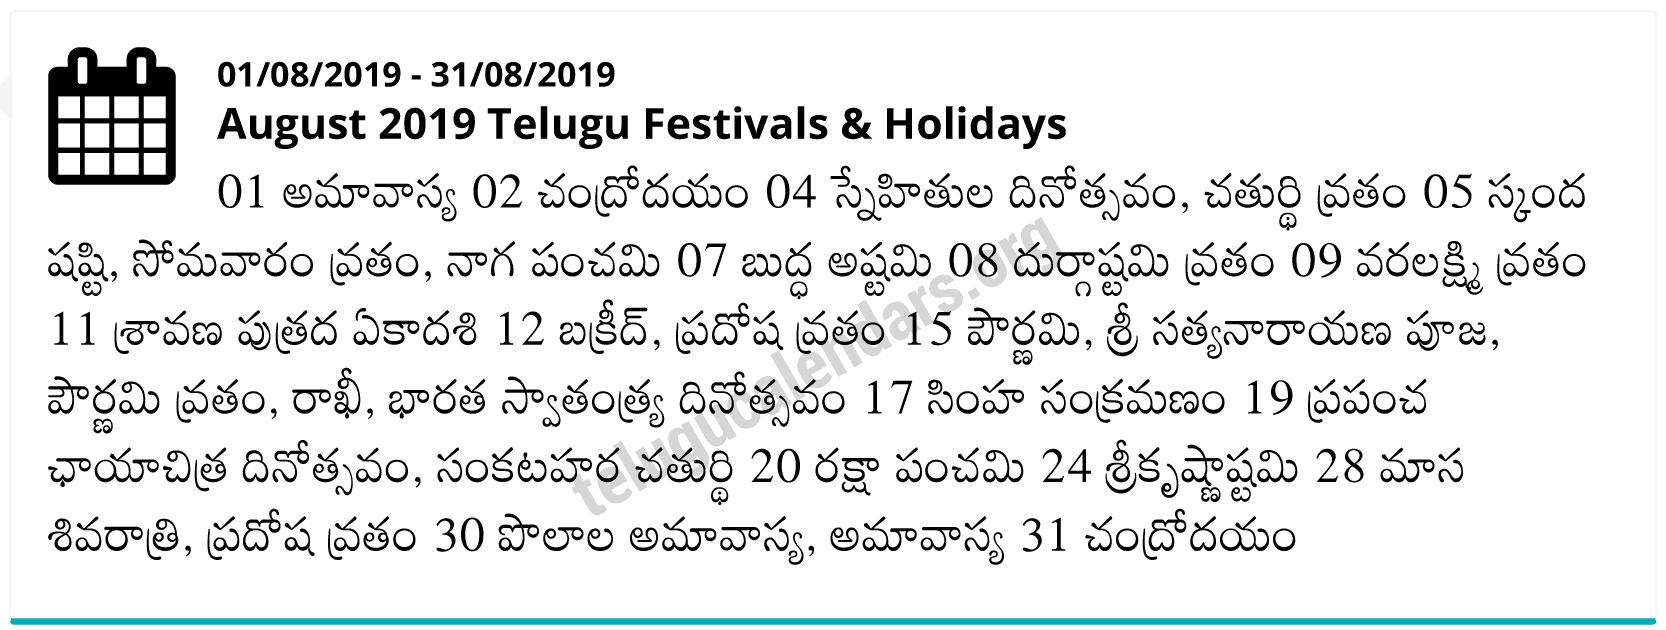 august 2019 calendar festivals